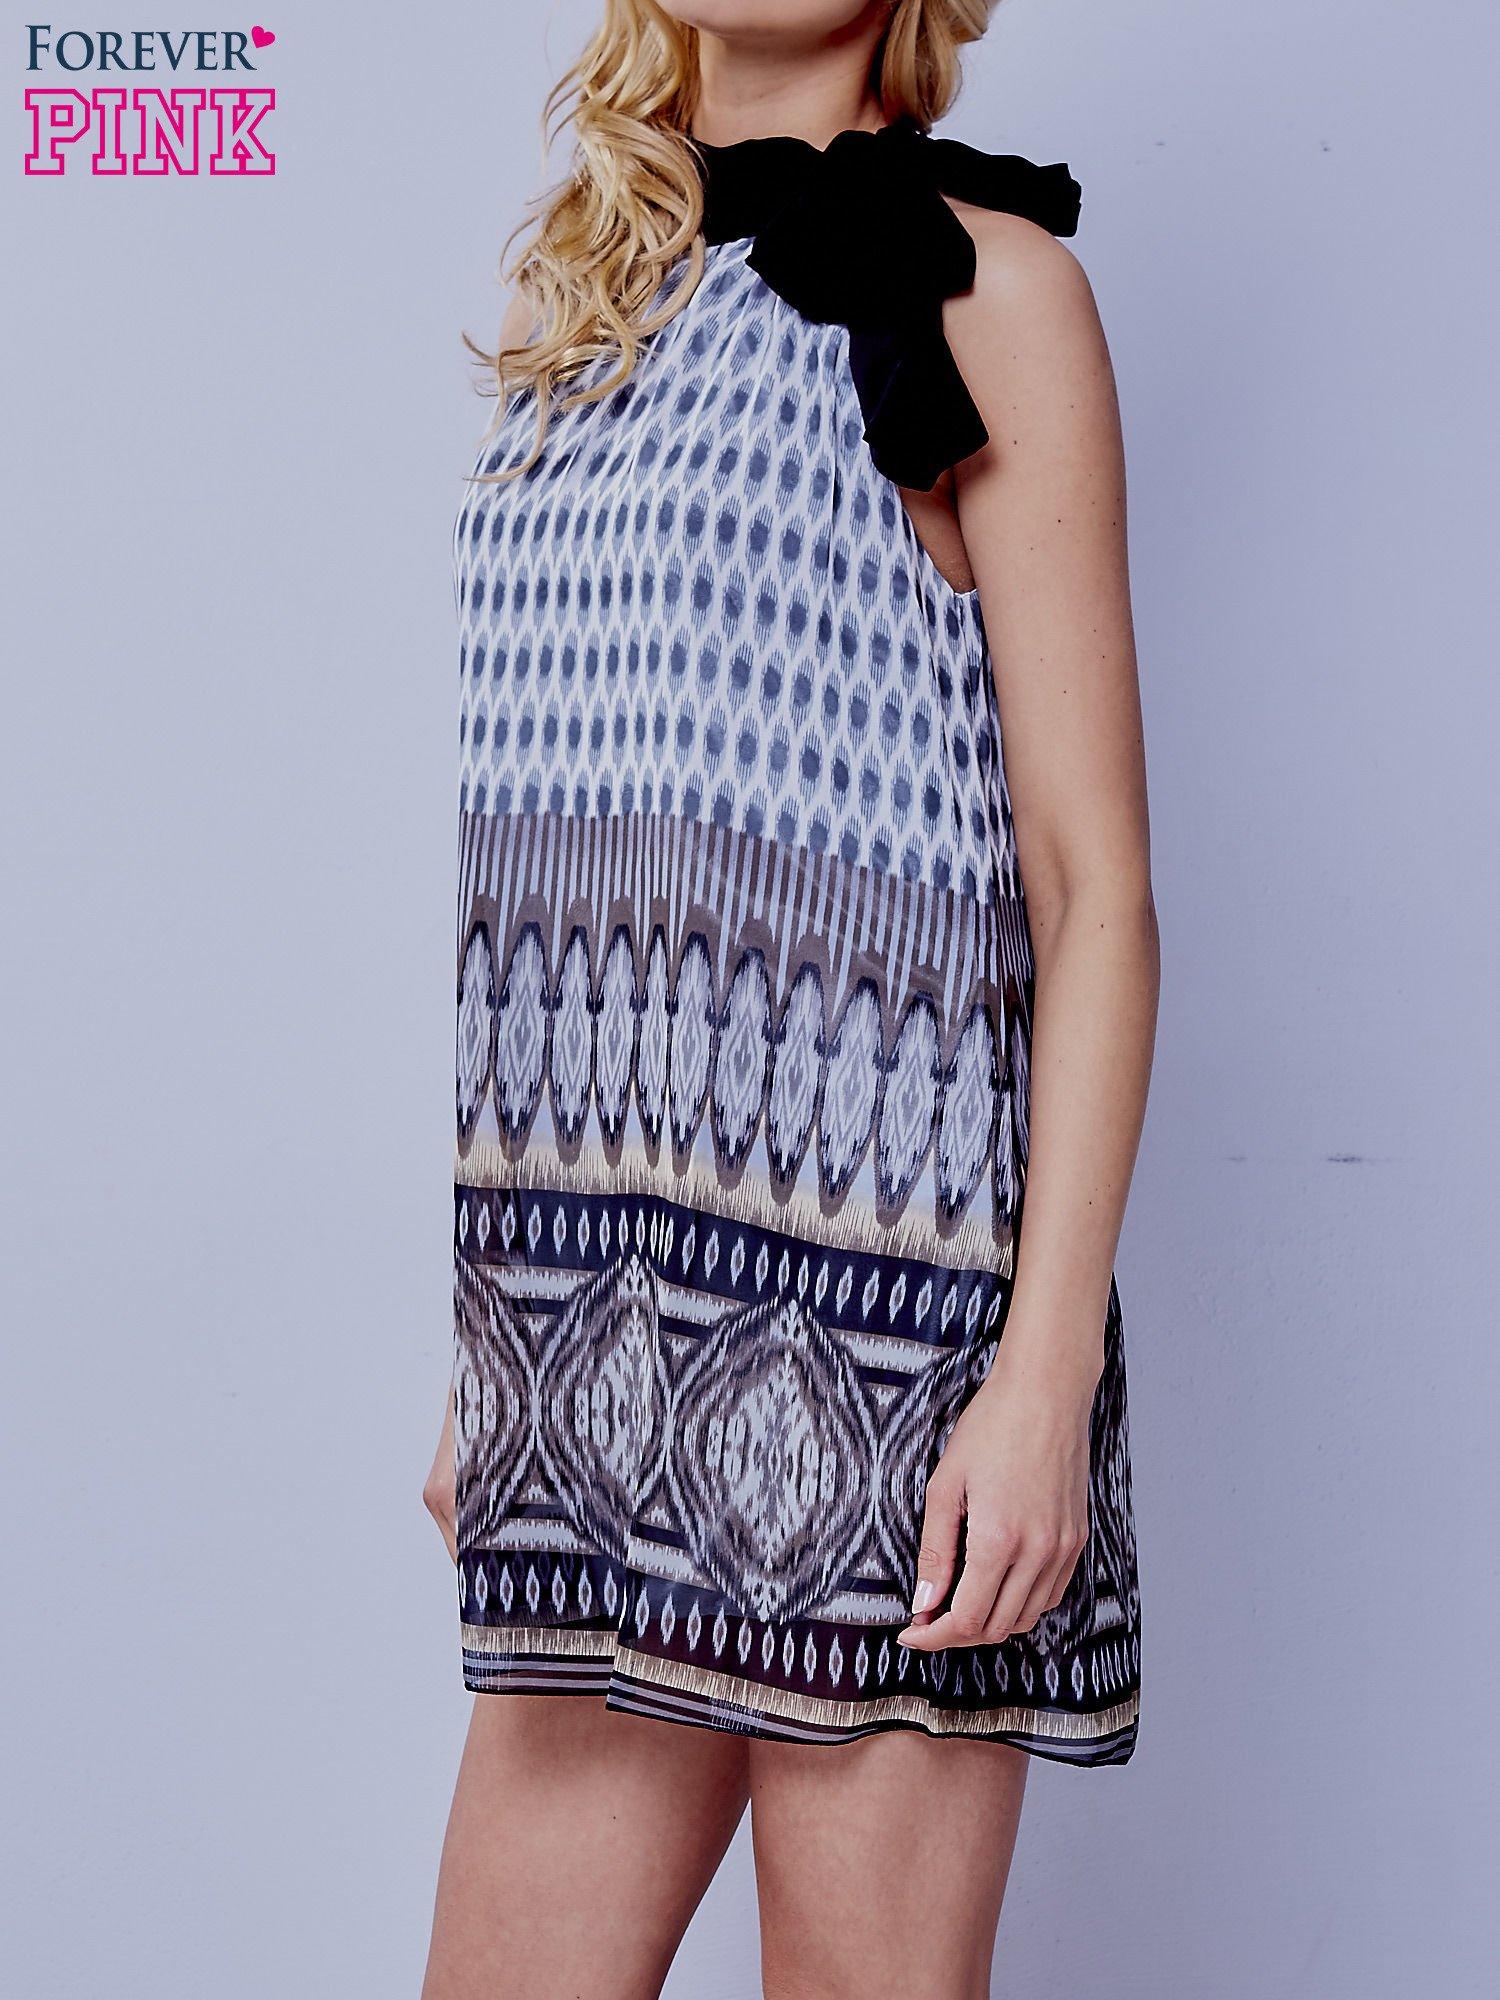 Szara wzorzysta sukienka wiązana na szyi na wstążkę                                  zdj.                                  3